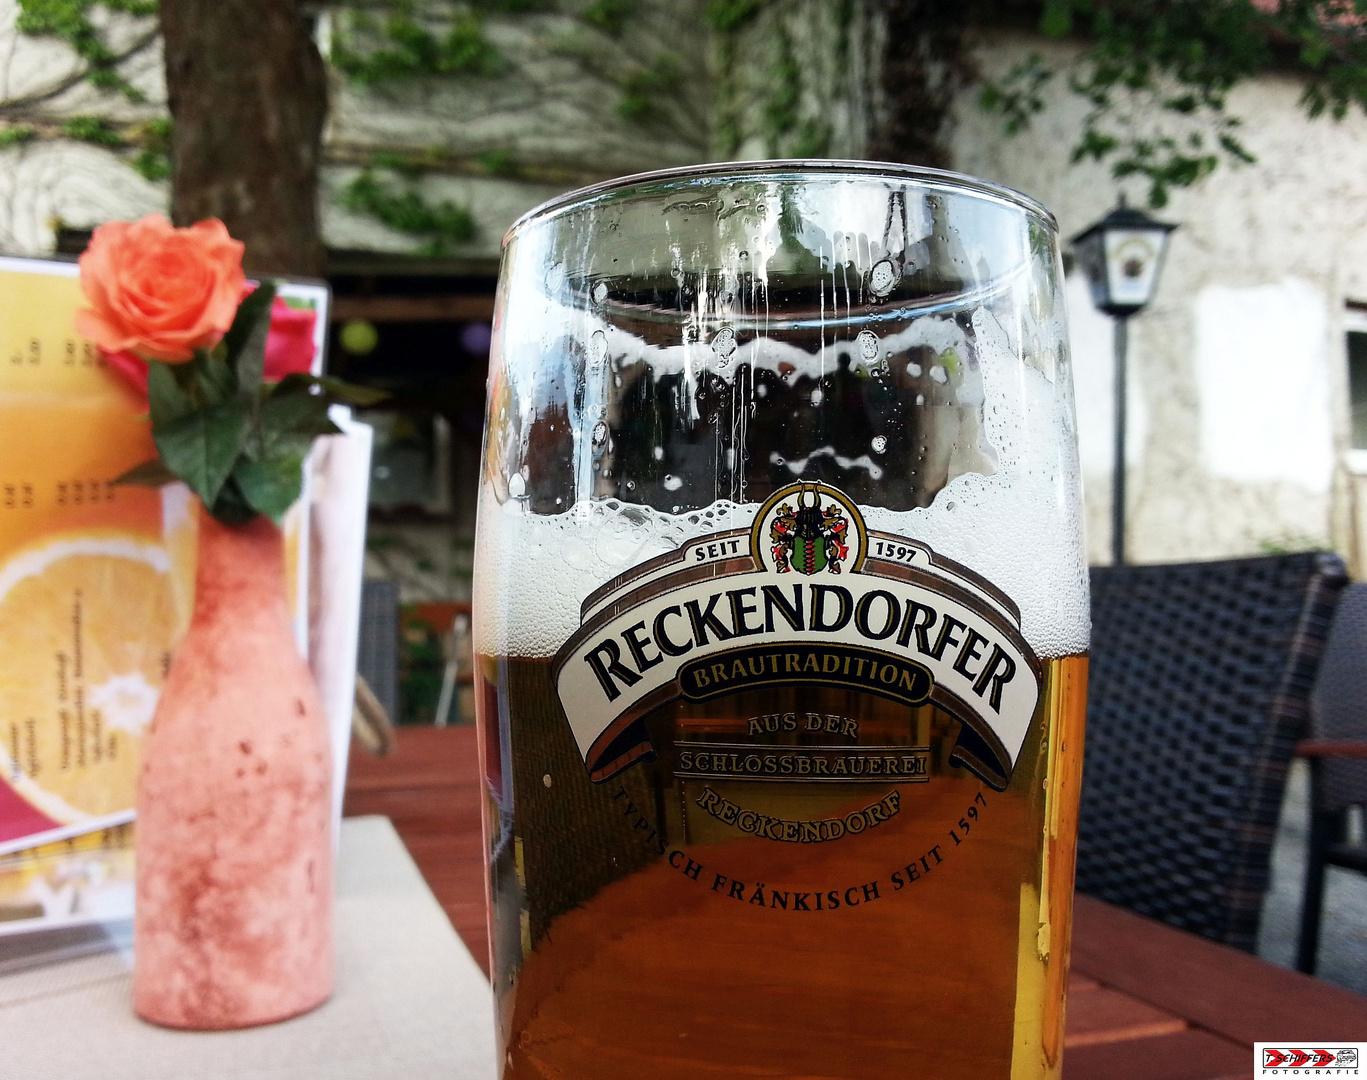 Brautradition & Blömcher